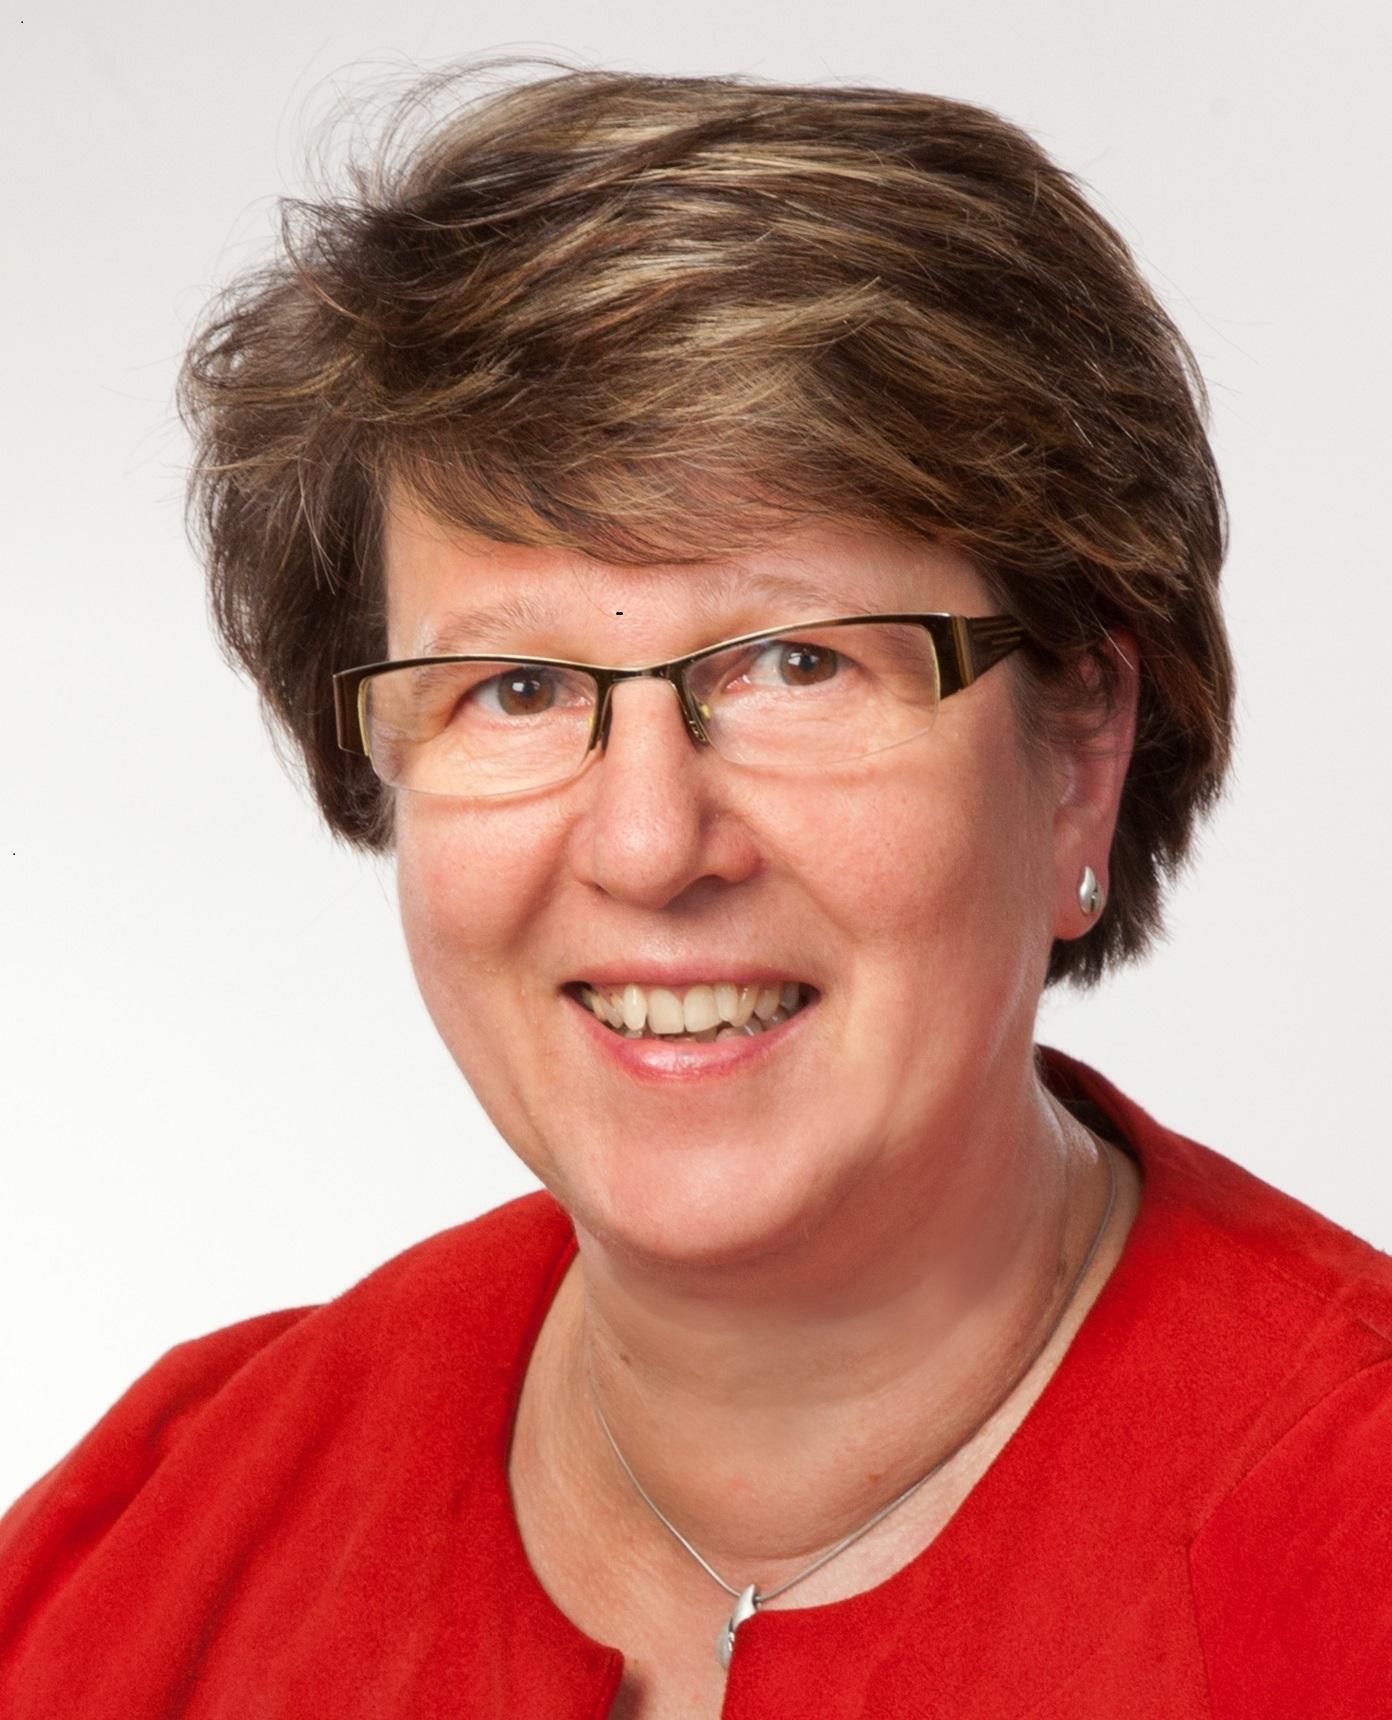 SPD -Christa Beyer Sprecherin der SPD fordert generell barrierearme Ablademöglichkeiten für Grünabfall